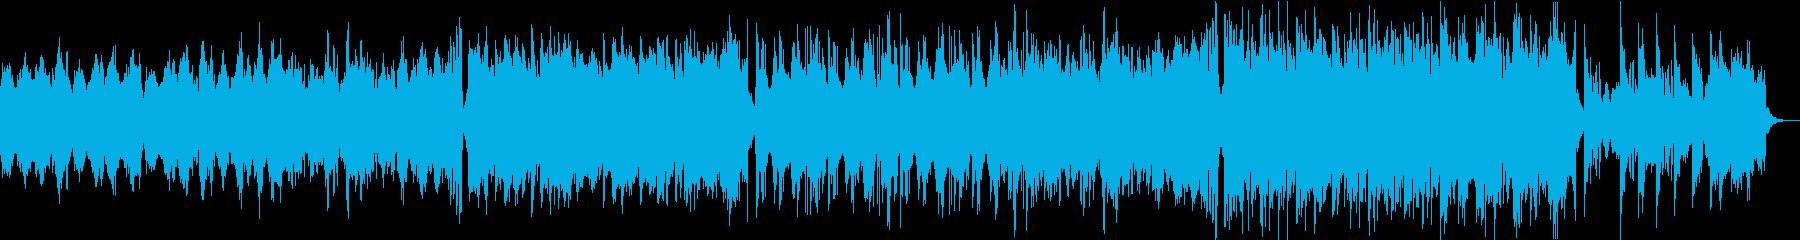 切ないメロディー・オーケストラバラードの再生済みの波形